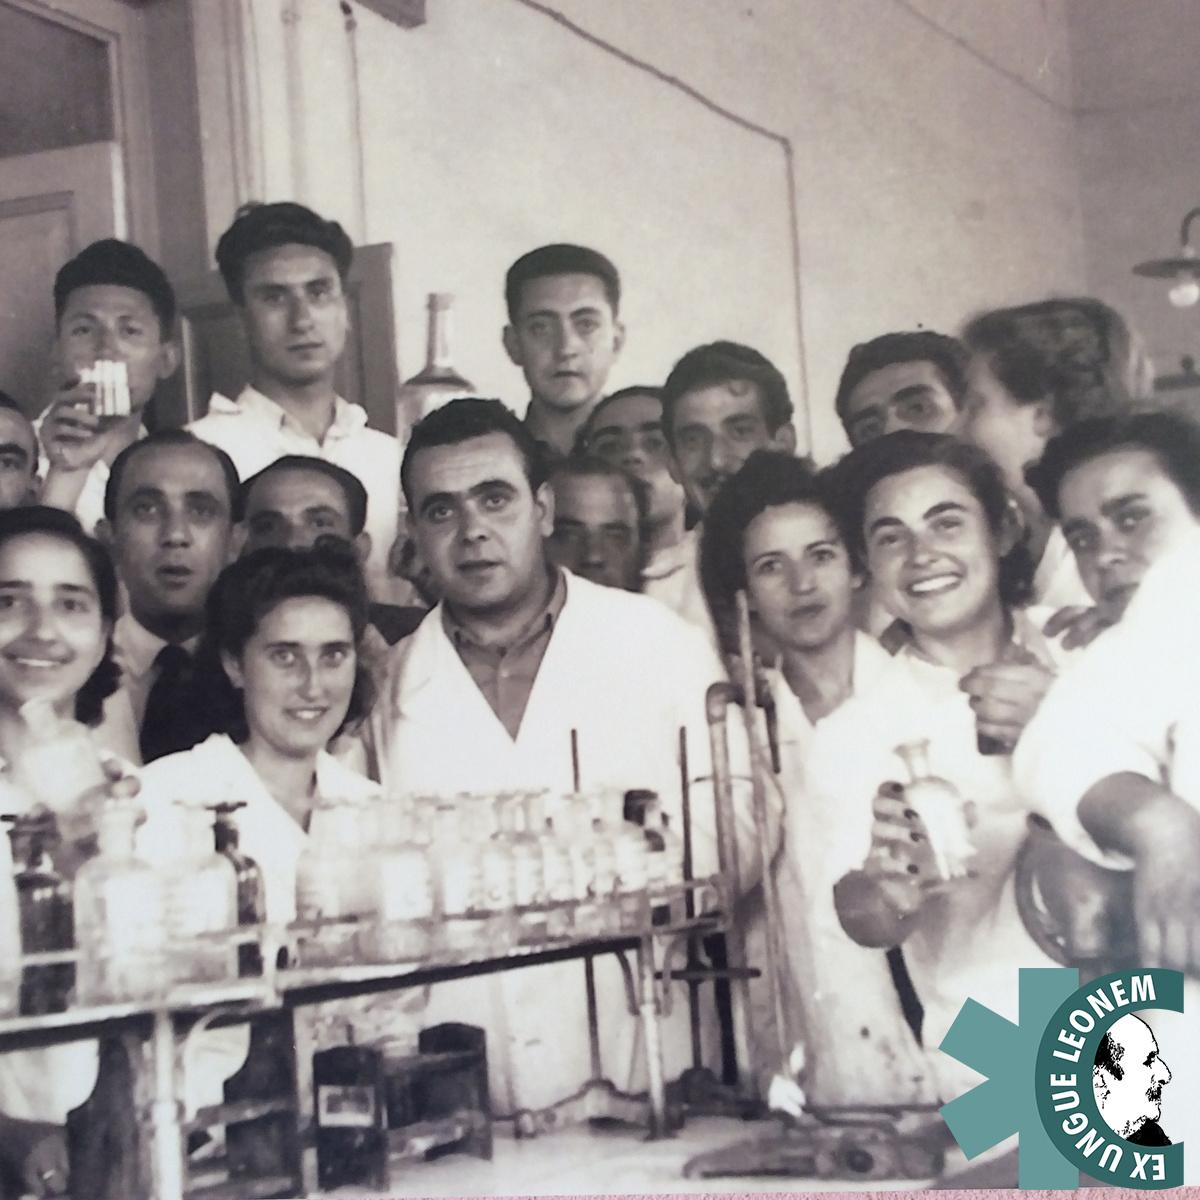 C006 - Foto studenti anni '50 Università di Messina